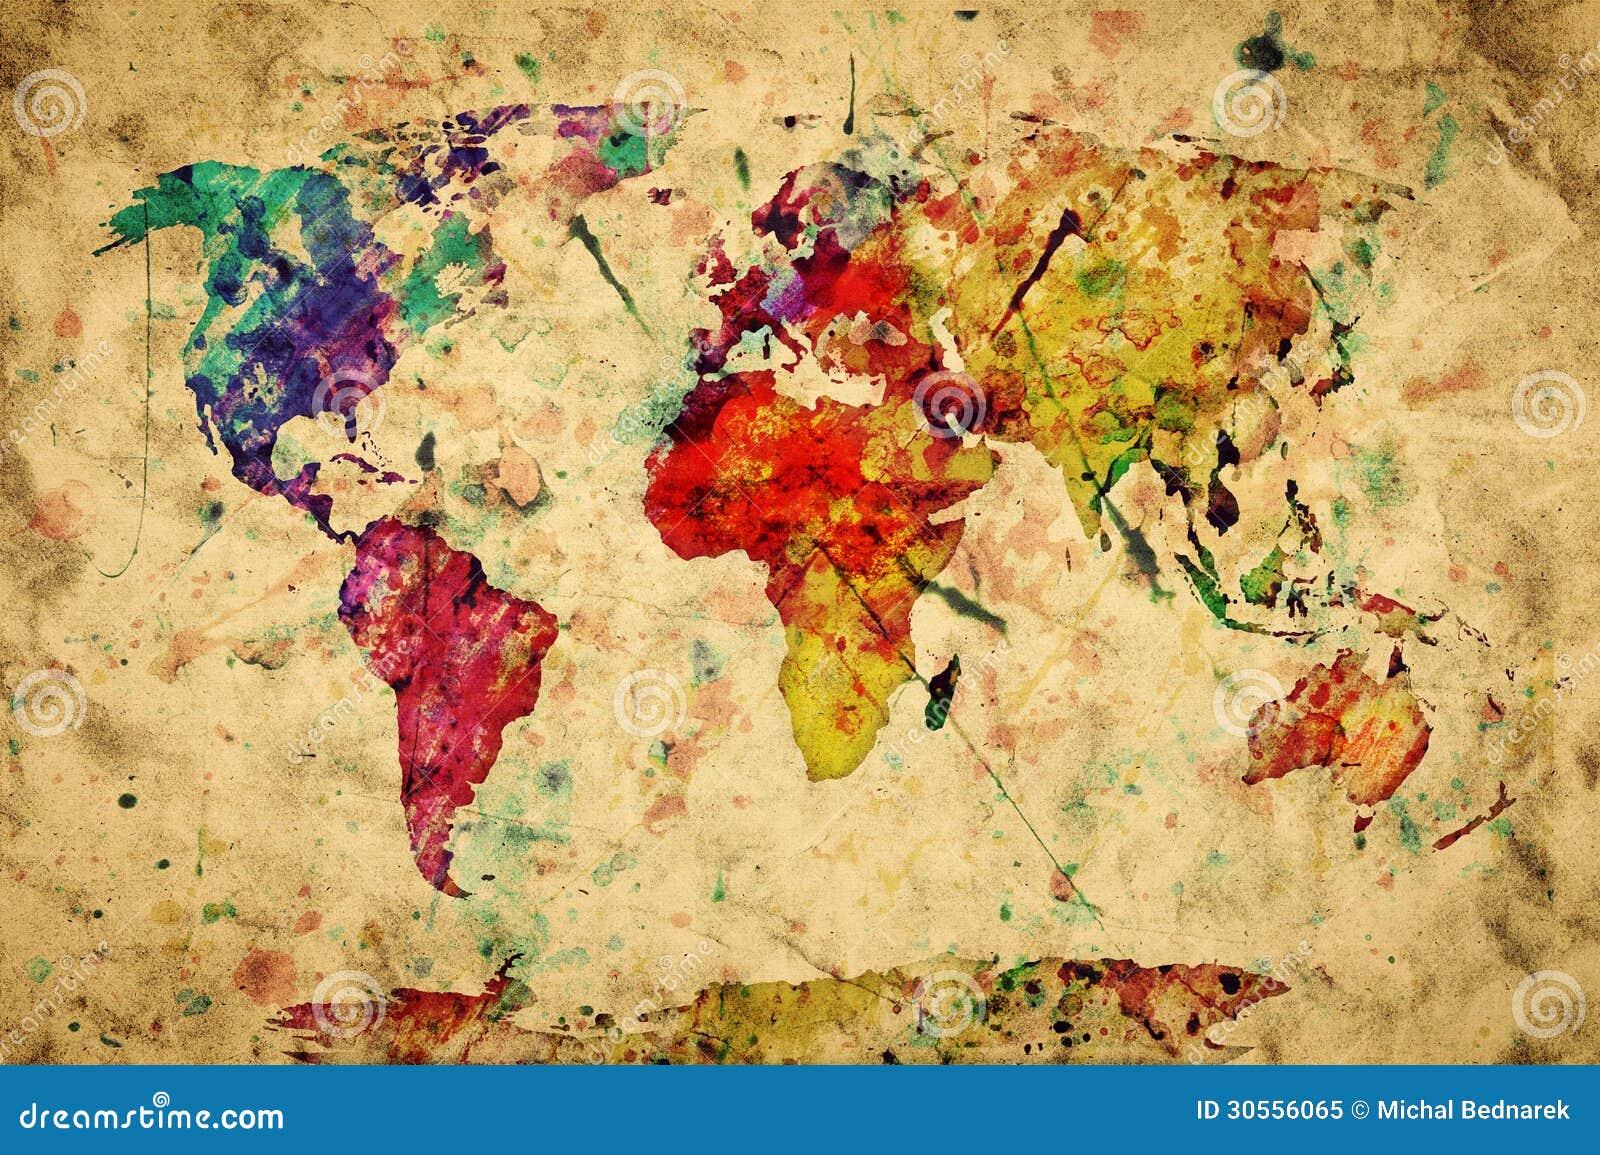 Винтажная карта мира. Цветастая краска